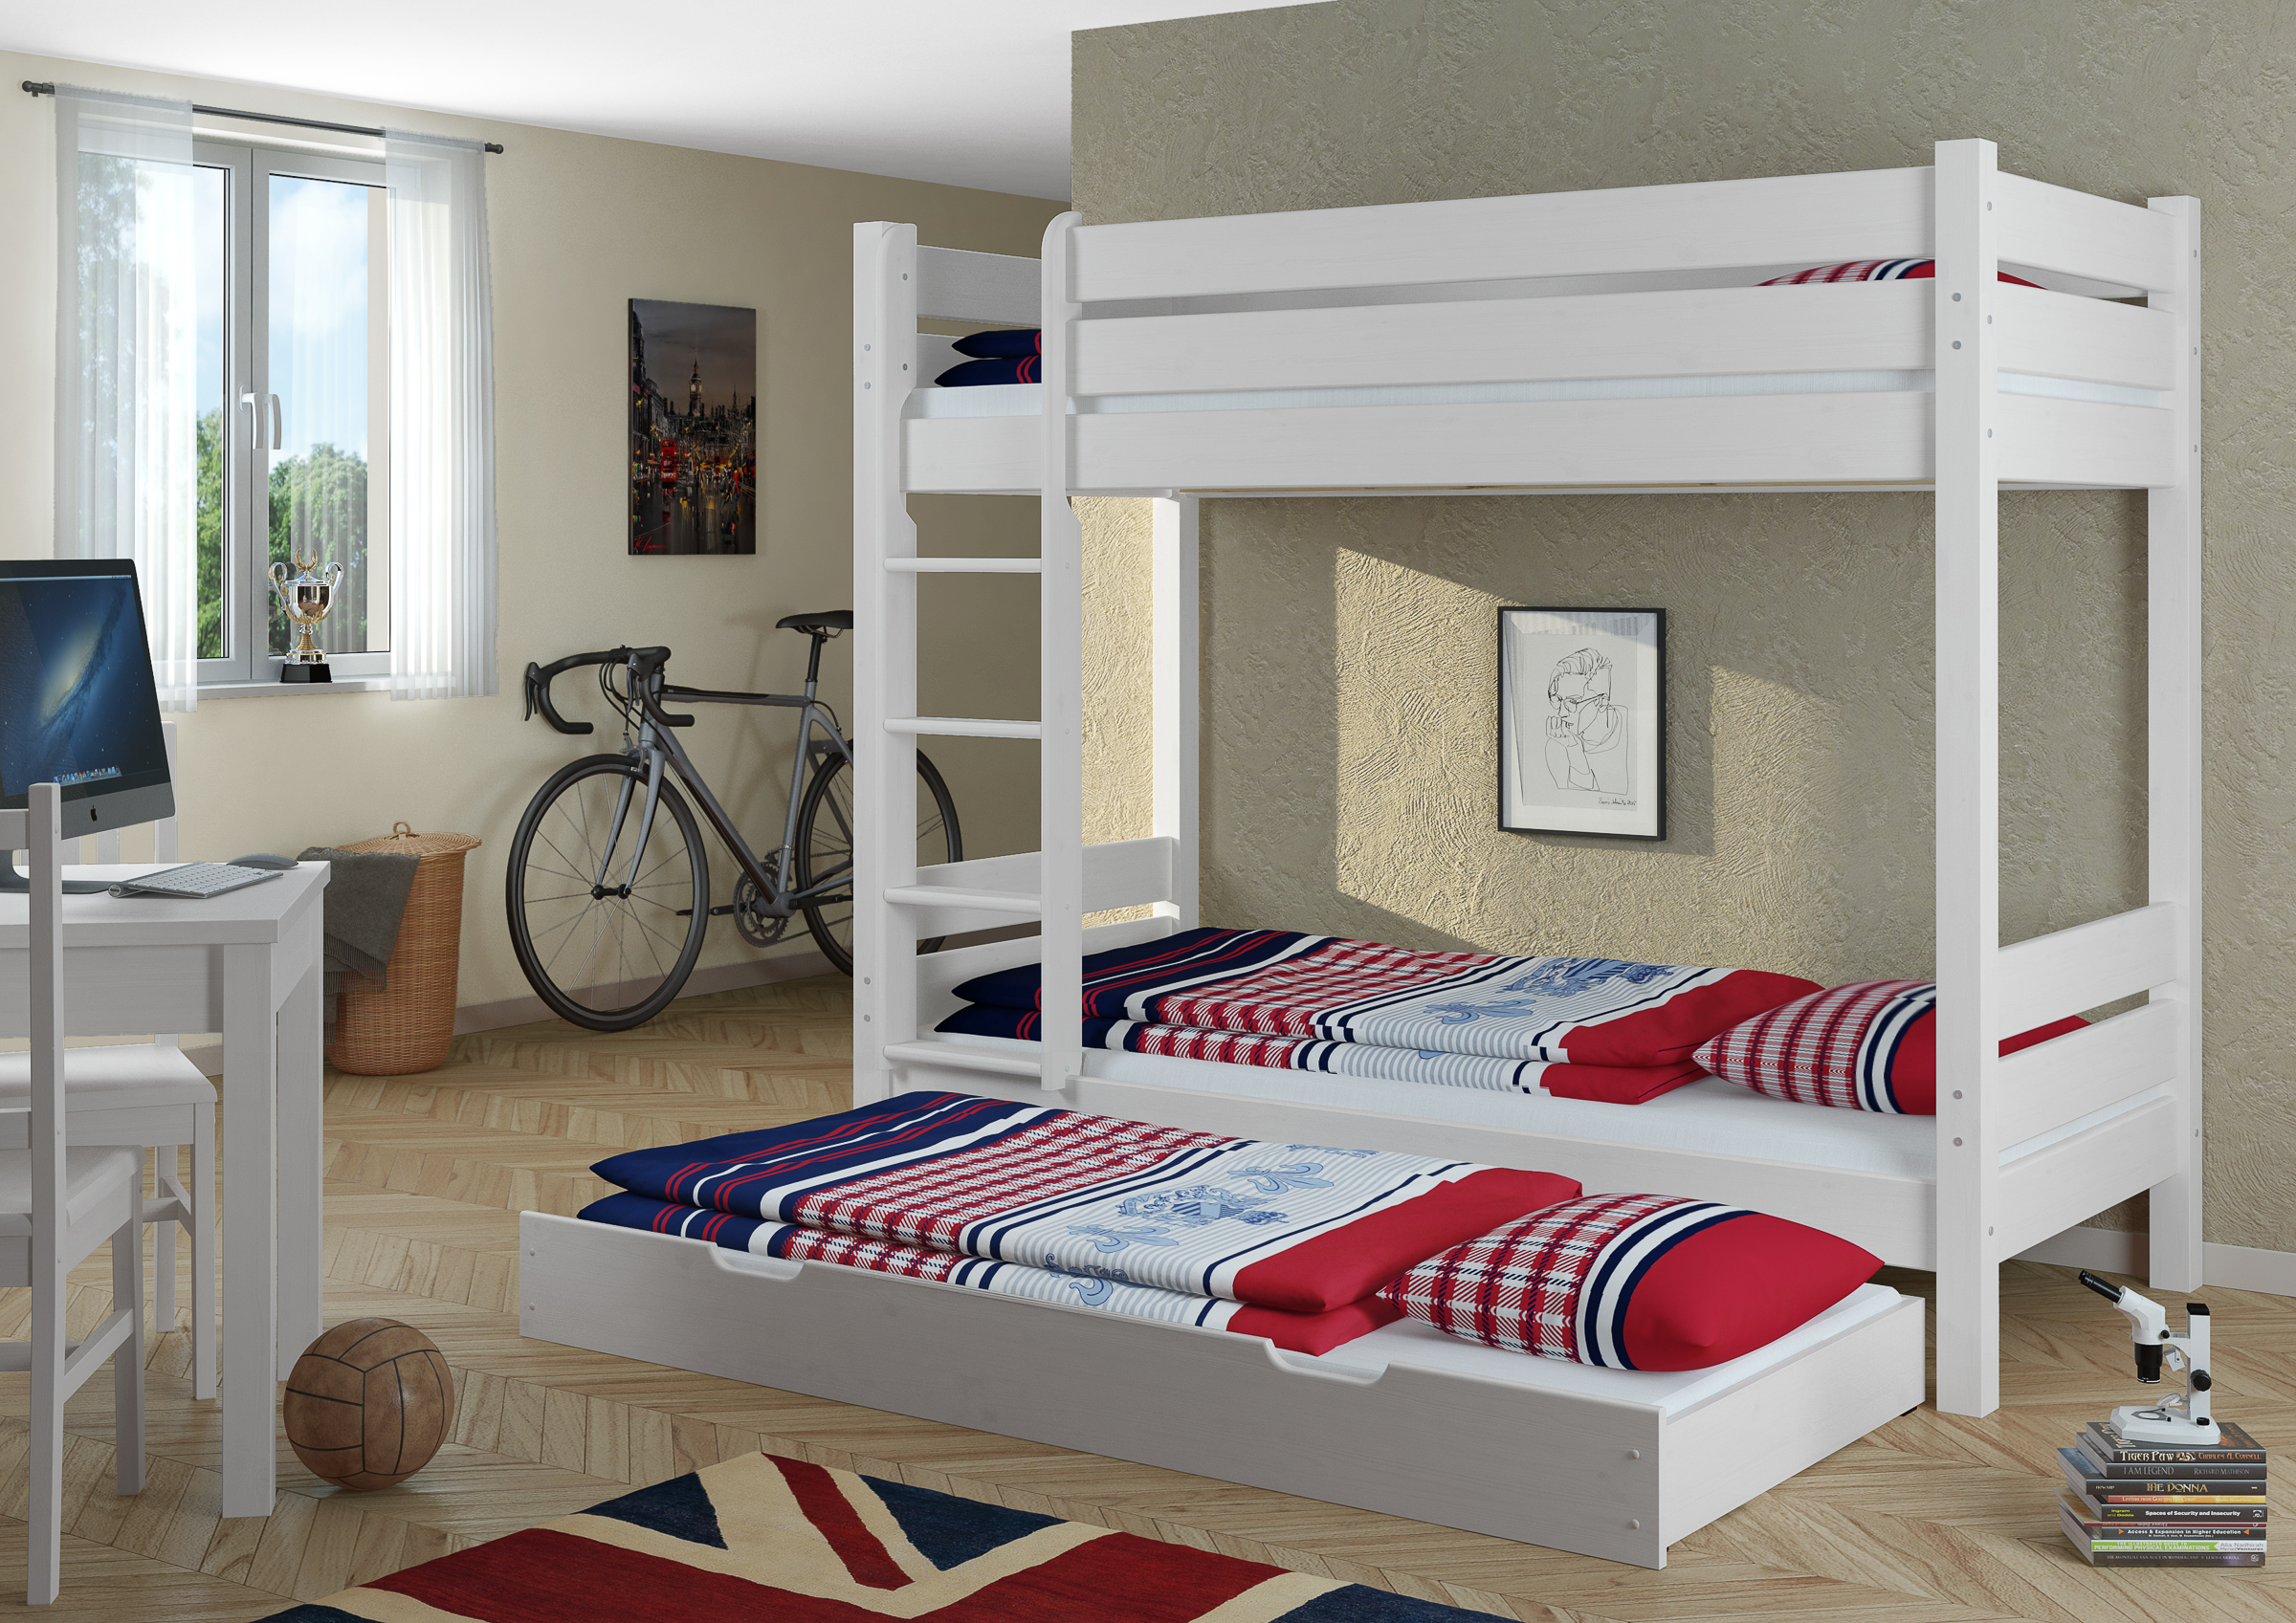 Holz Etagenbett Für Erwachsene : Etagenbett erwachsene weiß 100x200 nische 100 matratzen rollroste